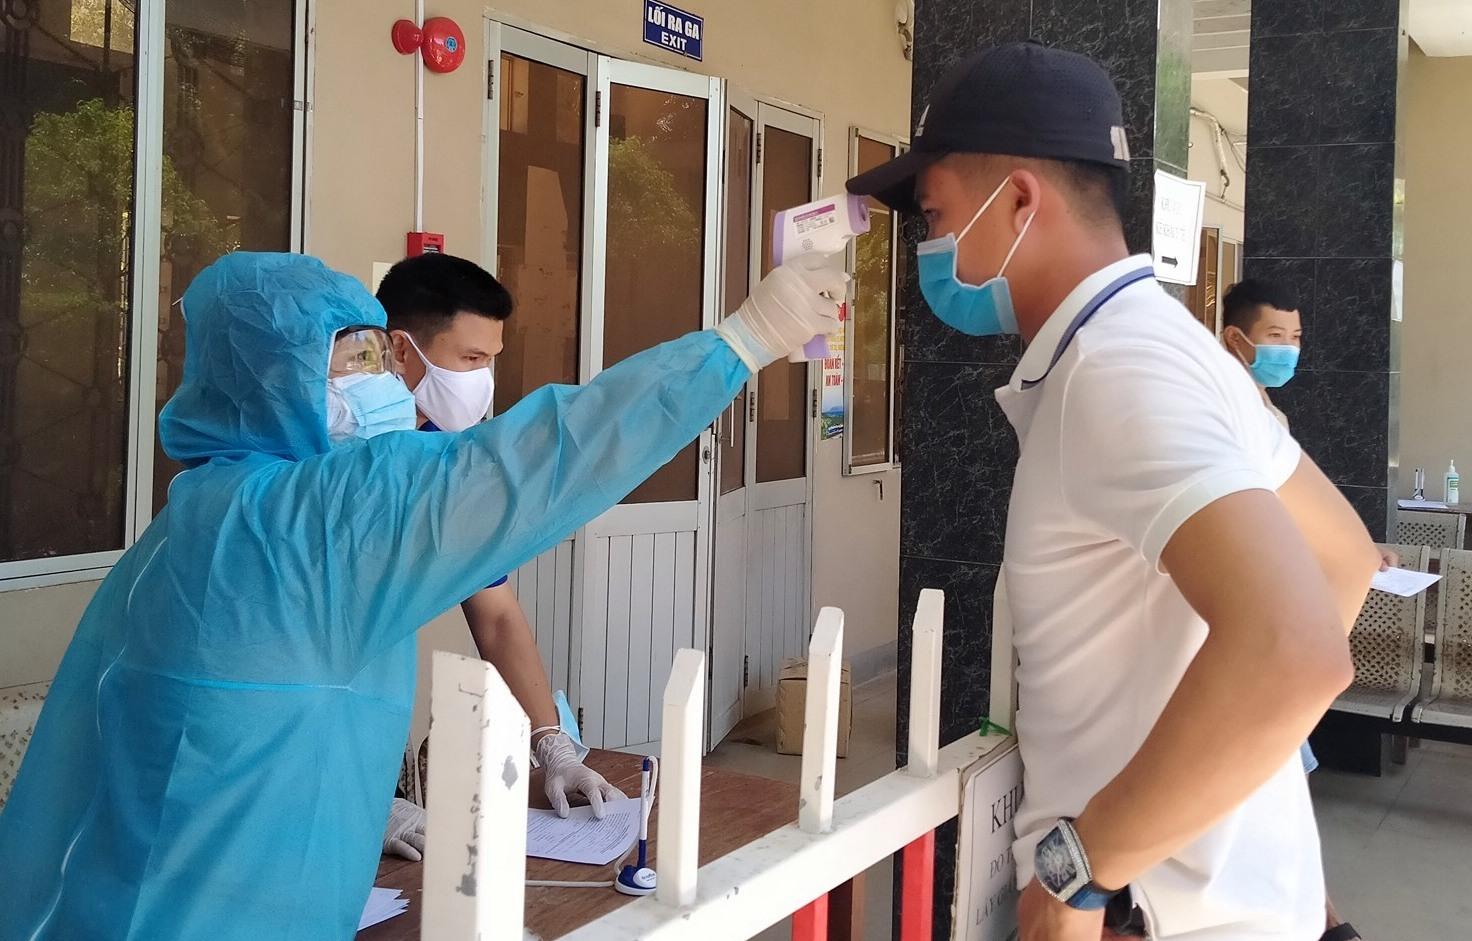 Người dân cần tuân thủ nghiêm các quy định về phòng chống dịch bệnh. Ảnh: X.H